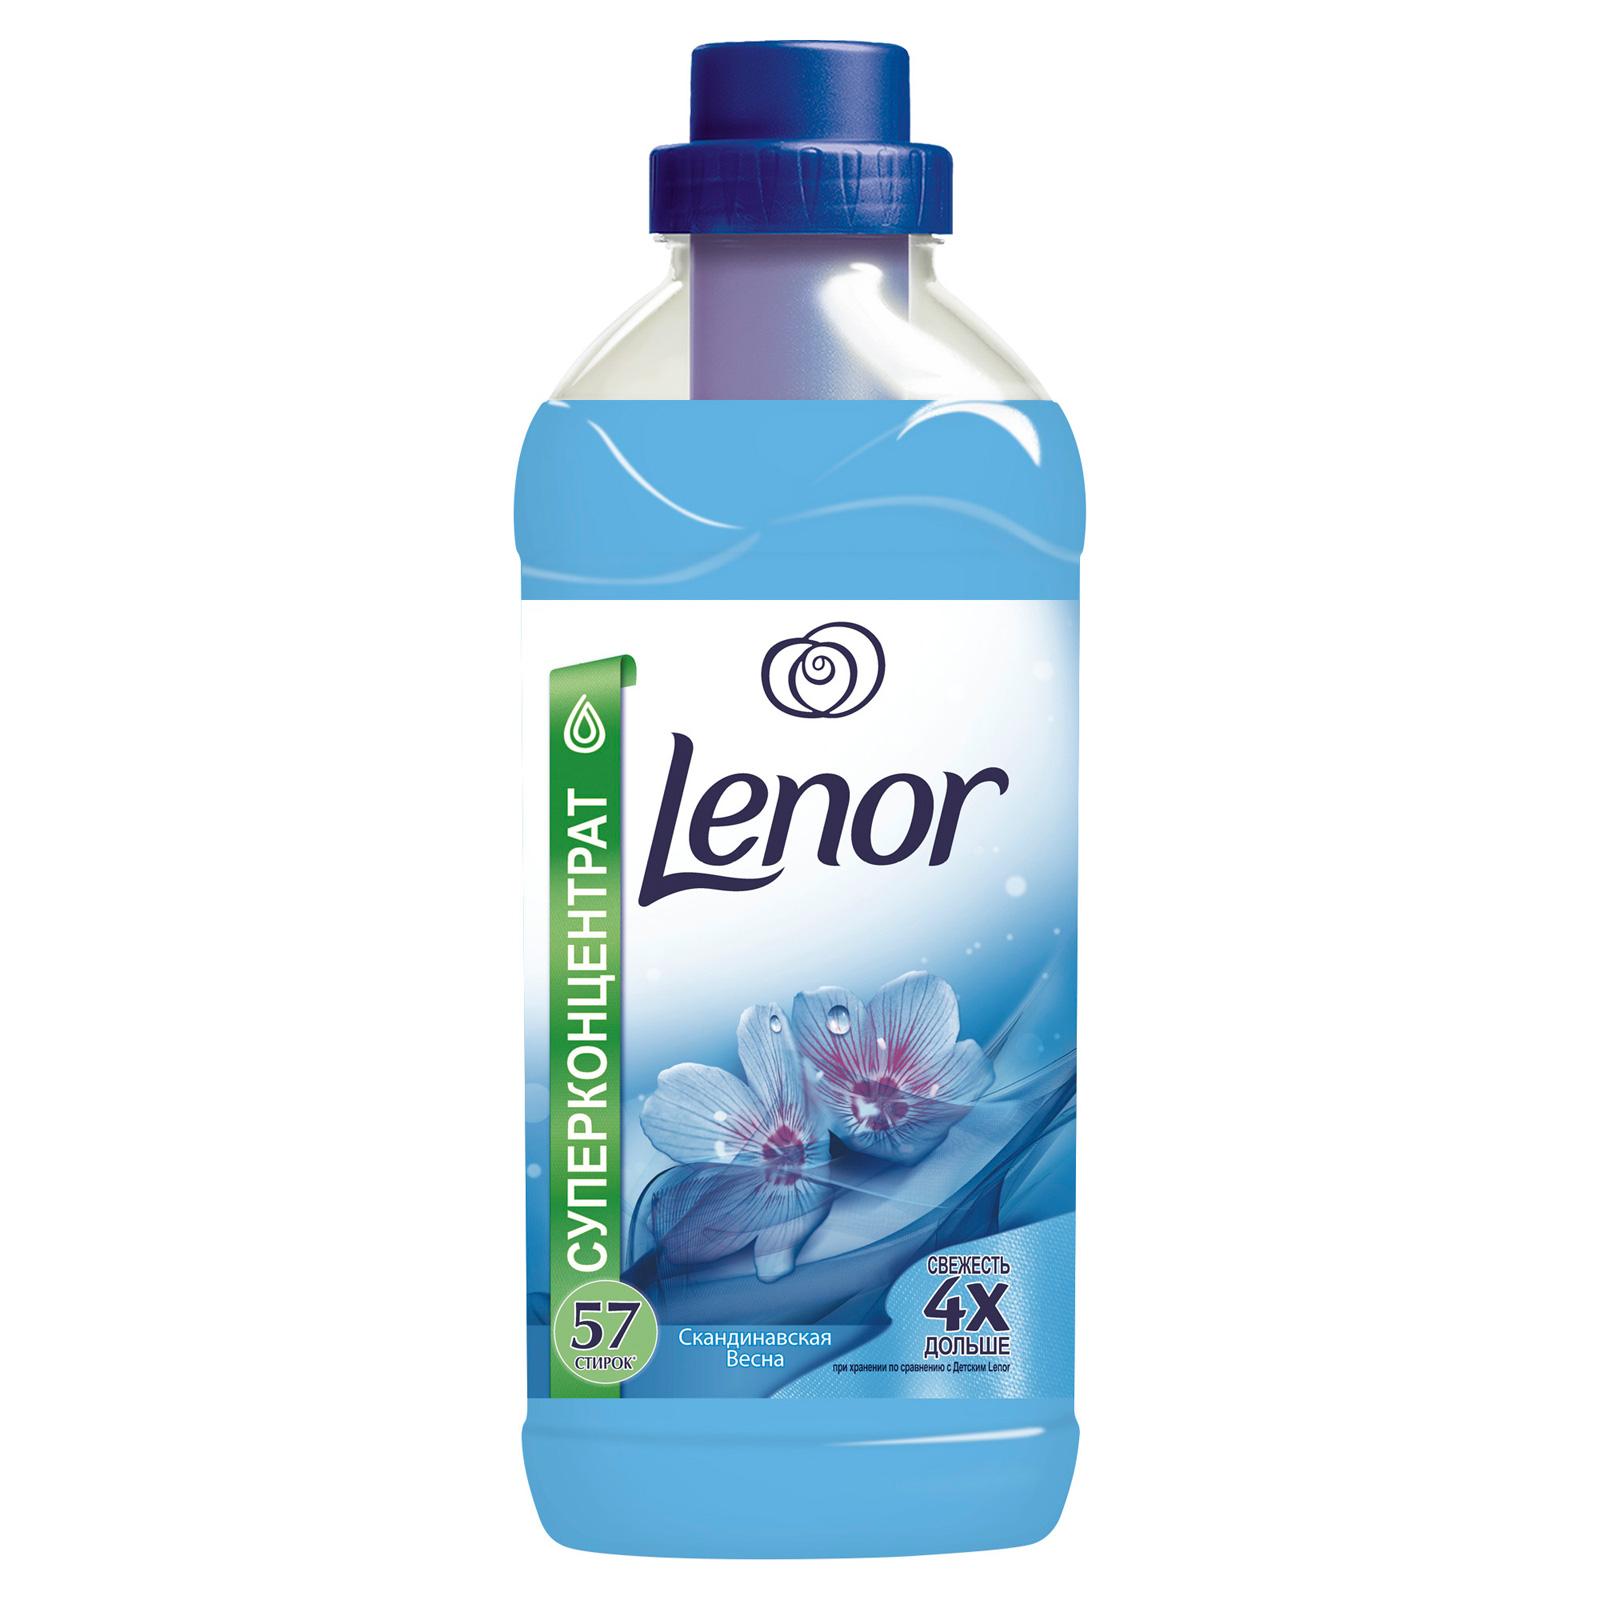 Кондиционер для белья Lenor 2 л Скандинавская Весна 2л (57стирок)<br>